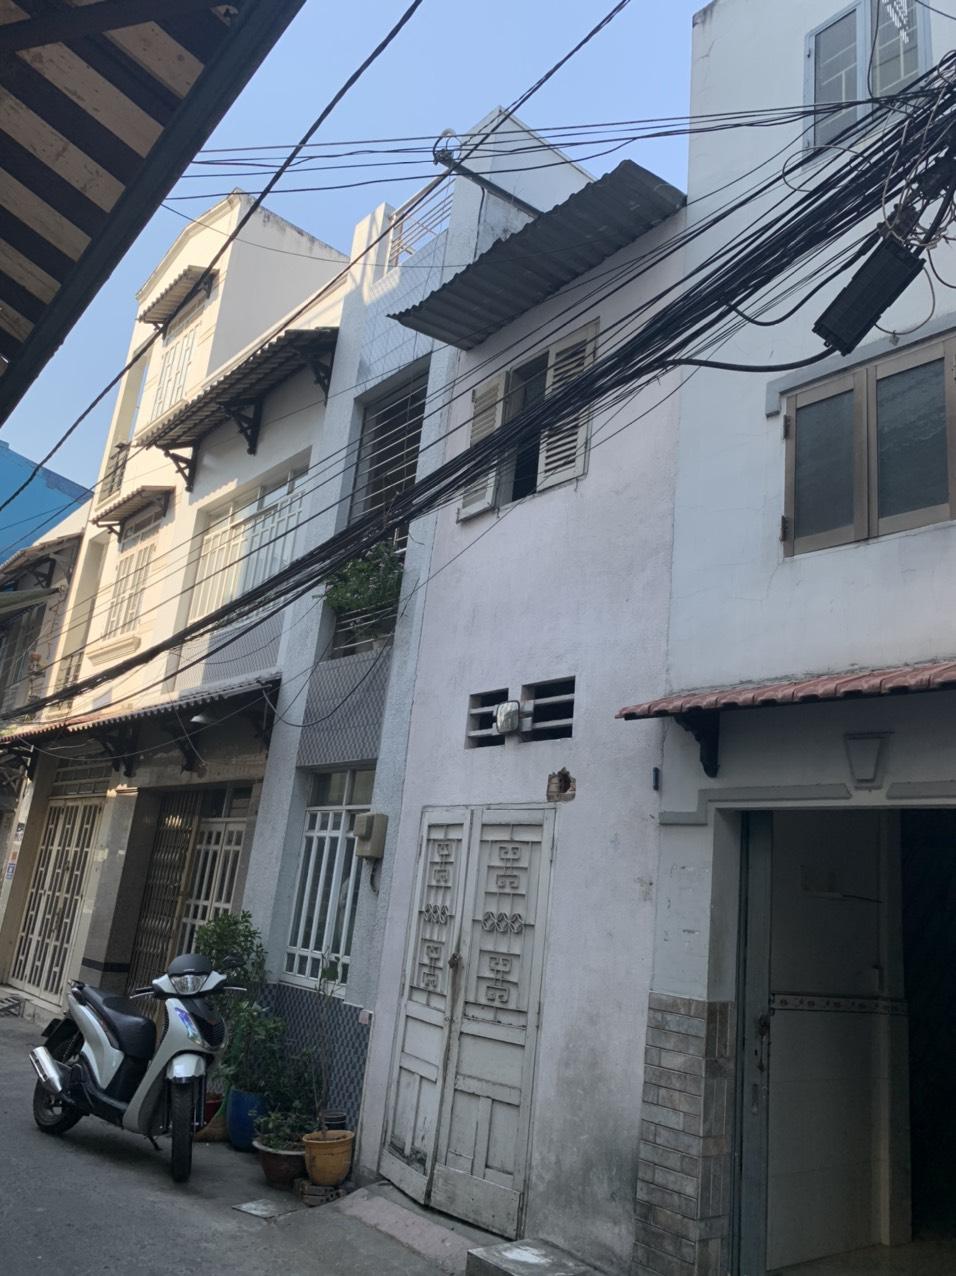 Bán nhà hẻm 232 Hưng Phú phường 8 Quận 8. Hẻm 6m xe hơi tới nhà